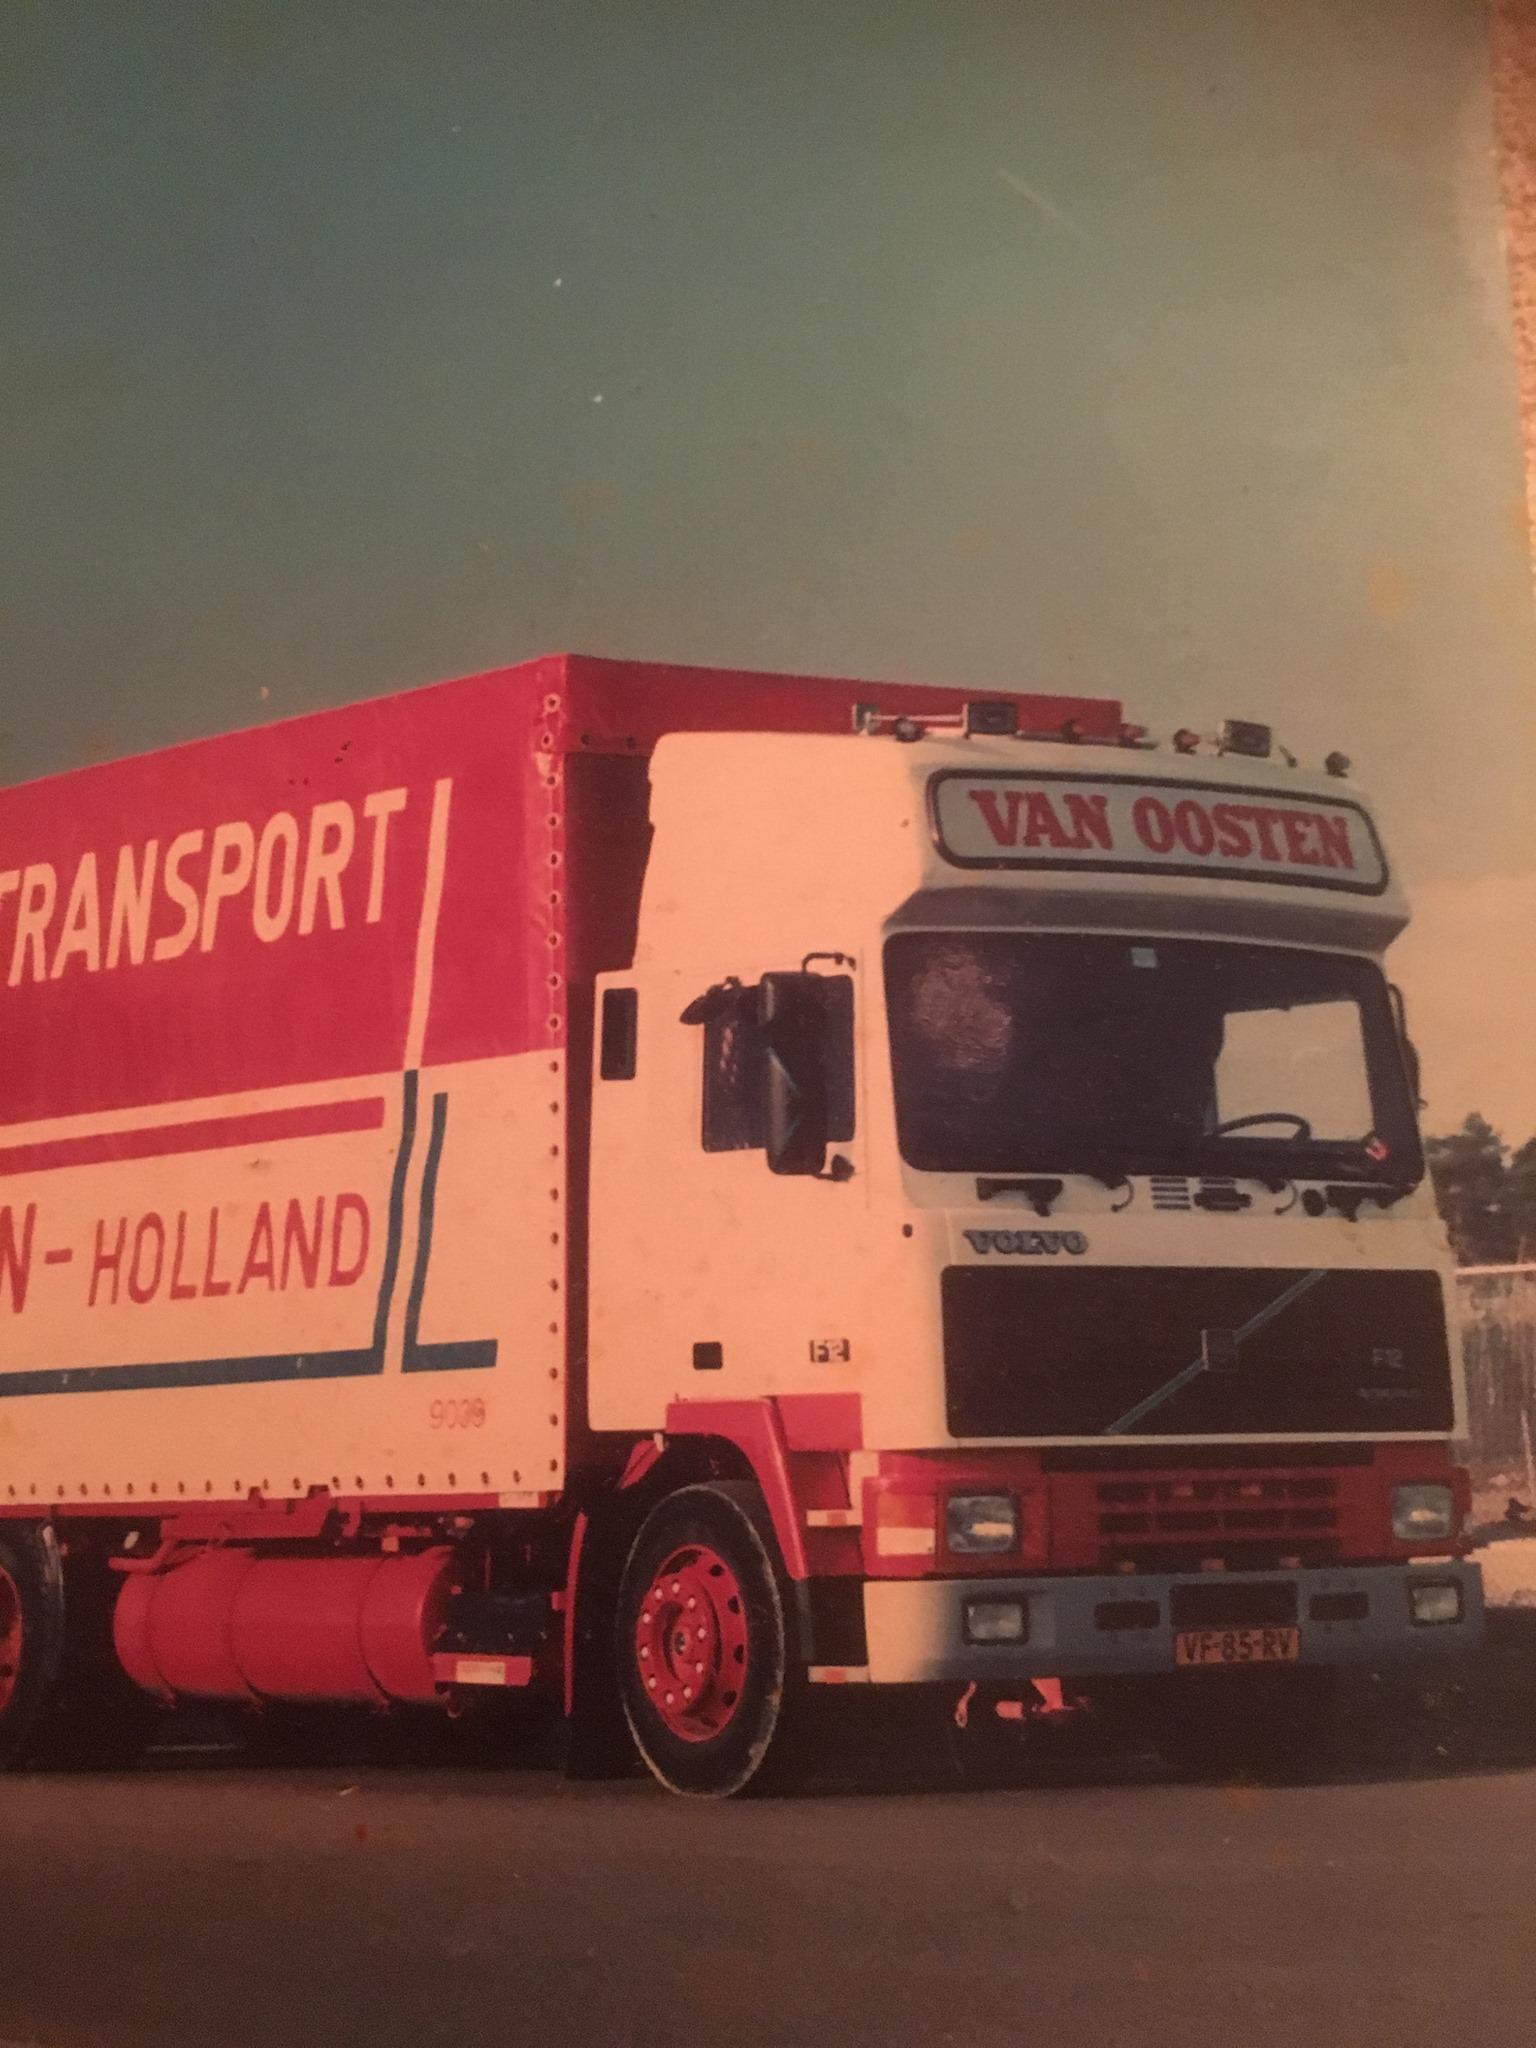 Van-Oosten-was-een-bedrijf-in-Roermond-dat-door-de-Fa-Mur-overgenomen-werd